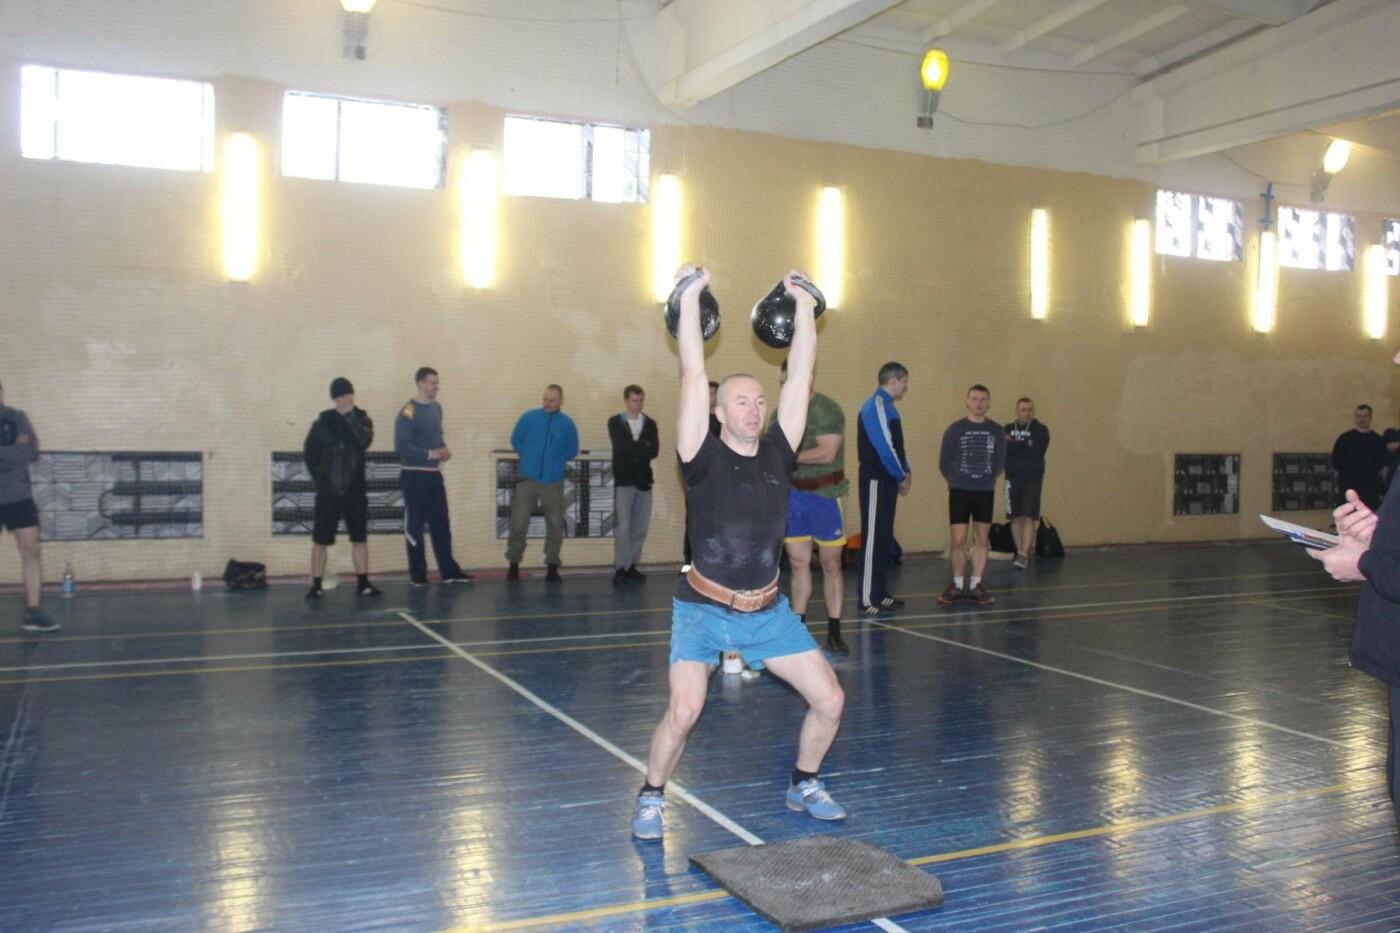 В Пскове состоялись соревнования по гиревому спорту между командами Росгвардии , фото-1